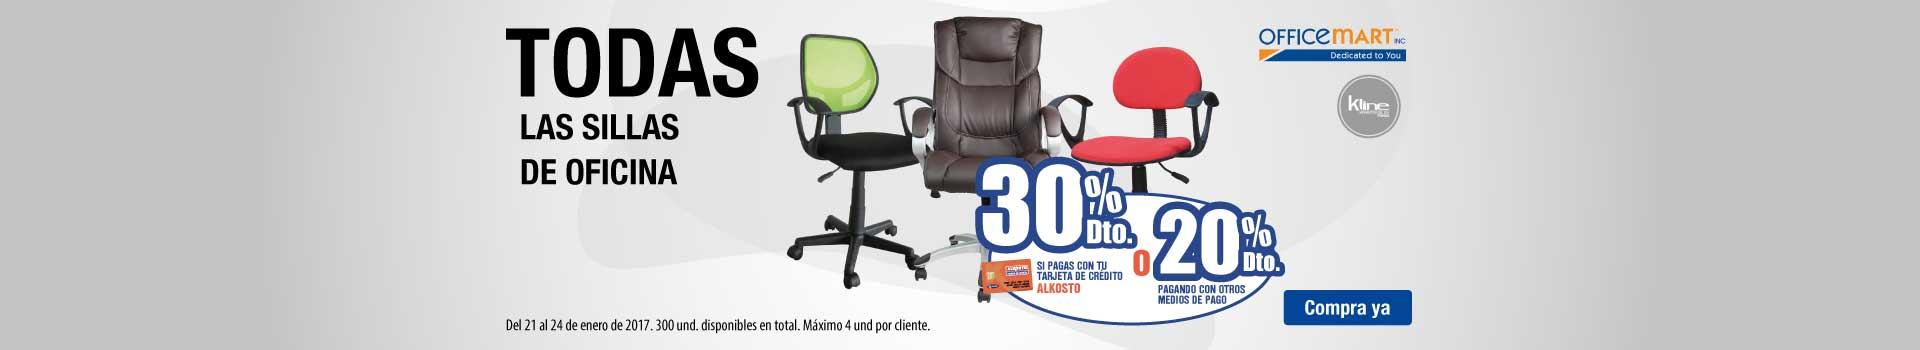 AKB OPC- 30% dto TCA 20% CMP en sillas de oficina - ene21